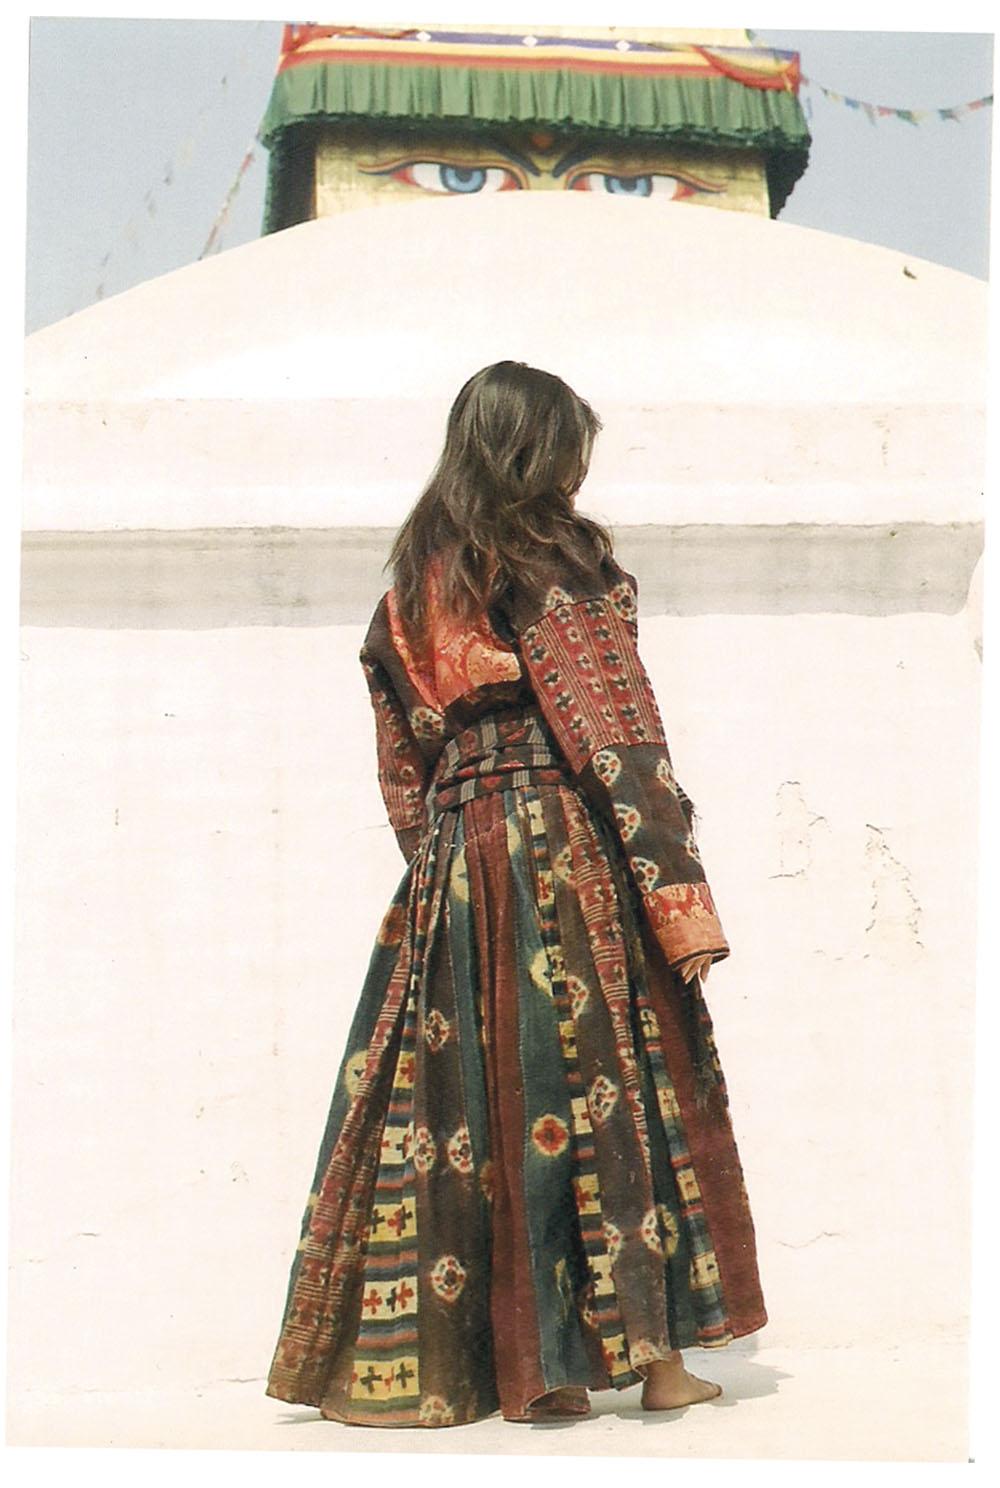 Ngarichuba coat, western Tibet